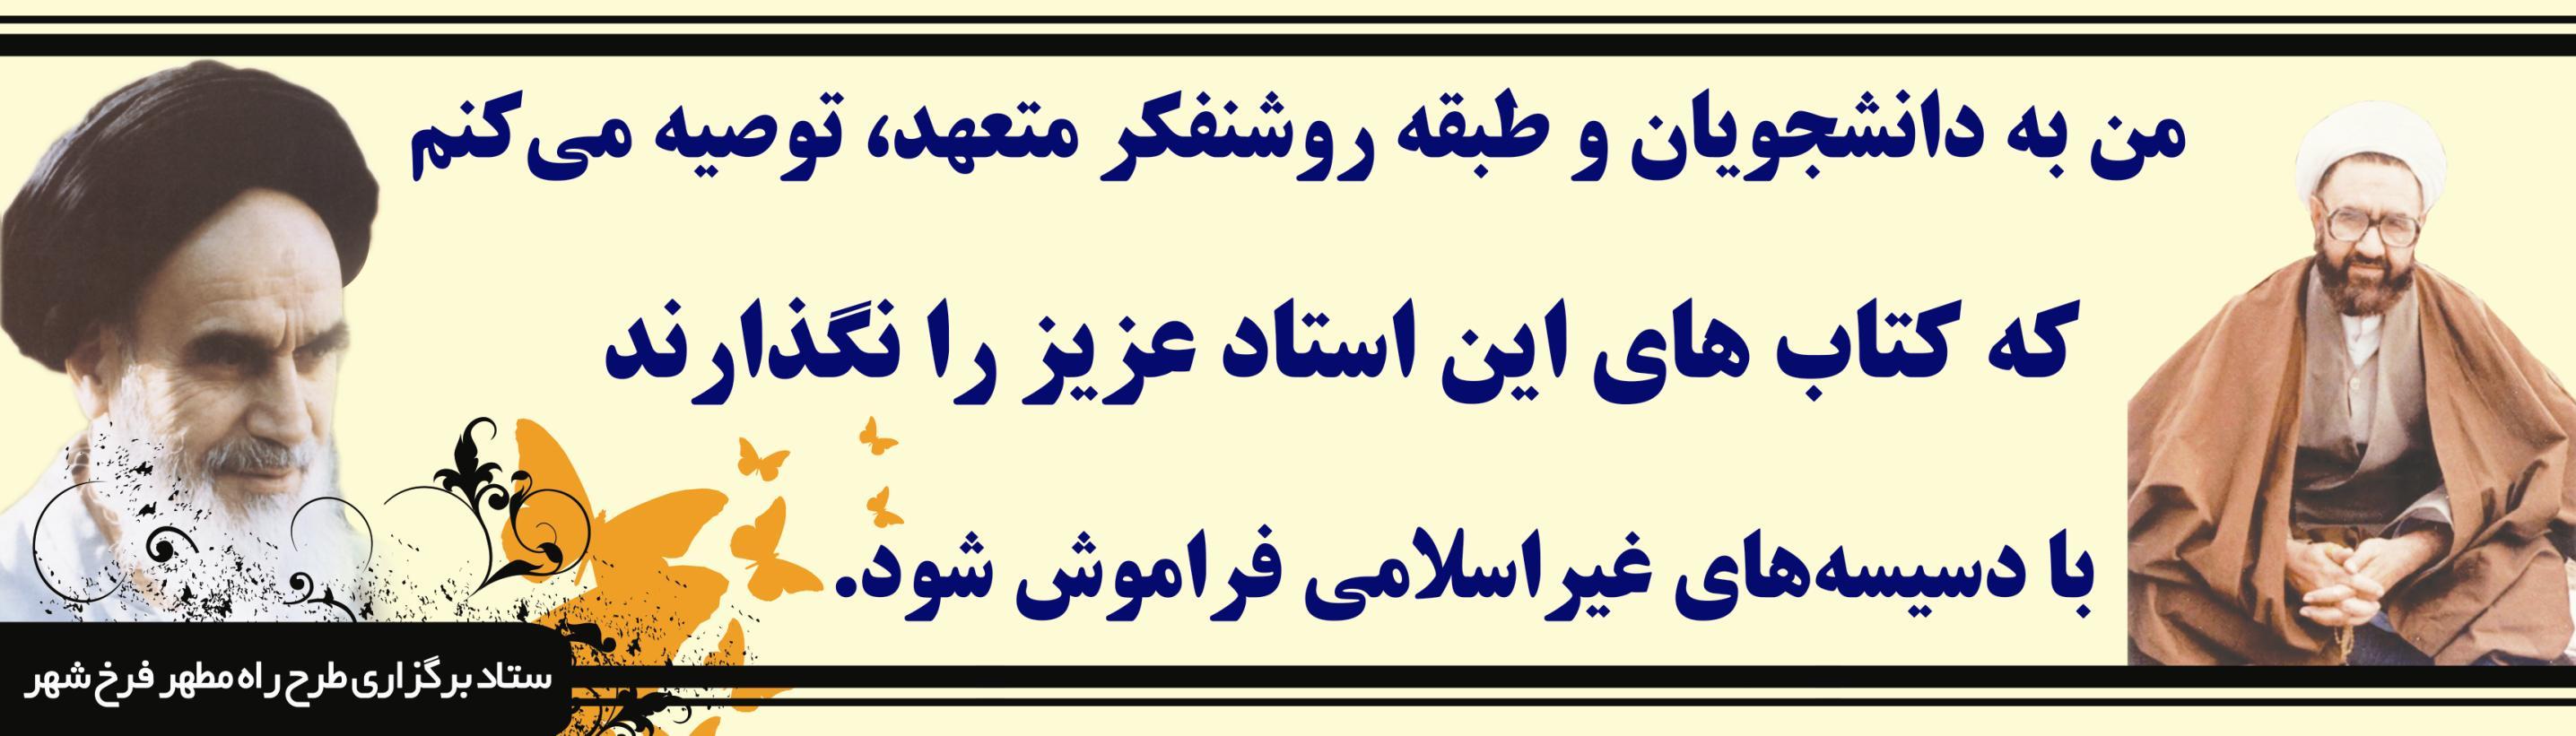 علامه شهید مرتضی مطهری